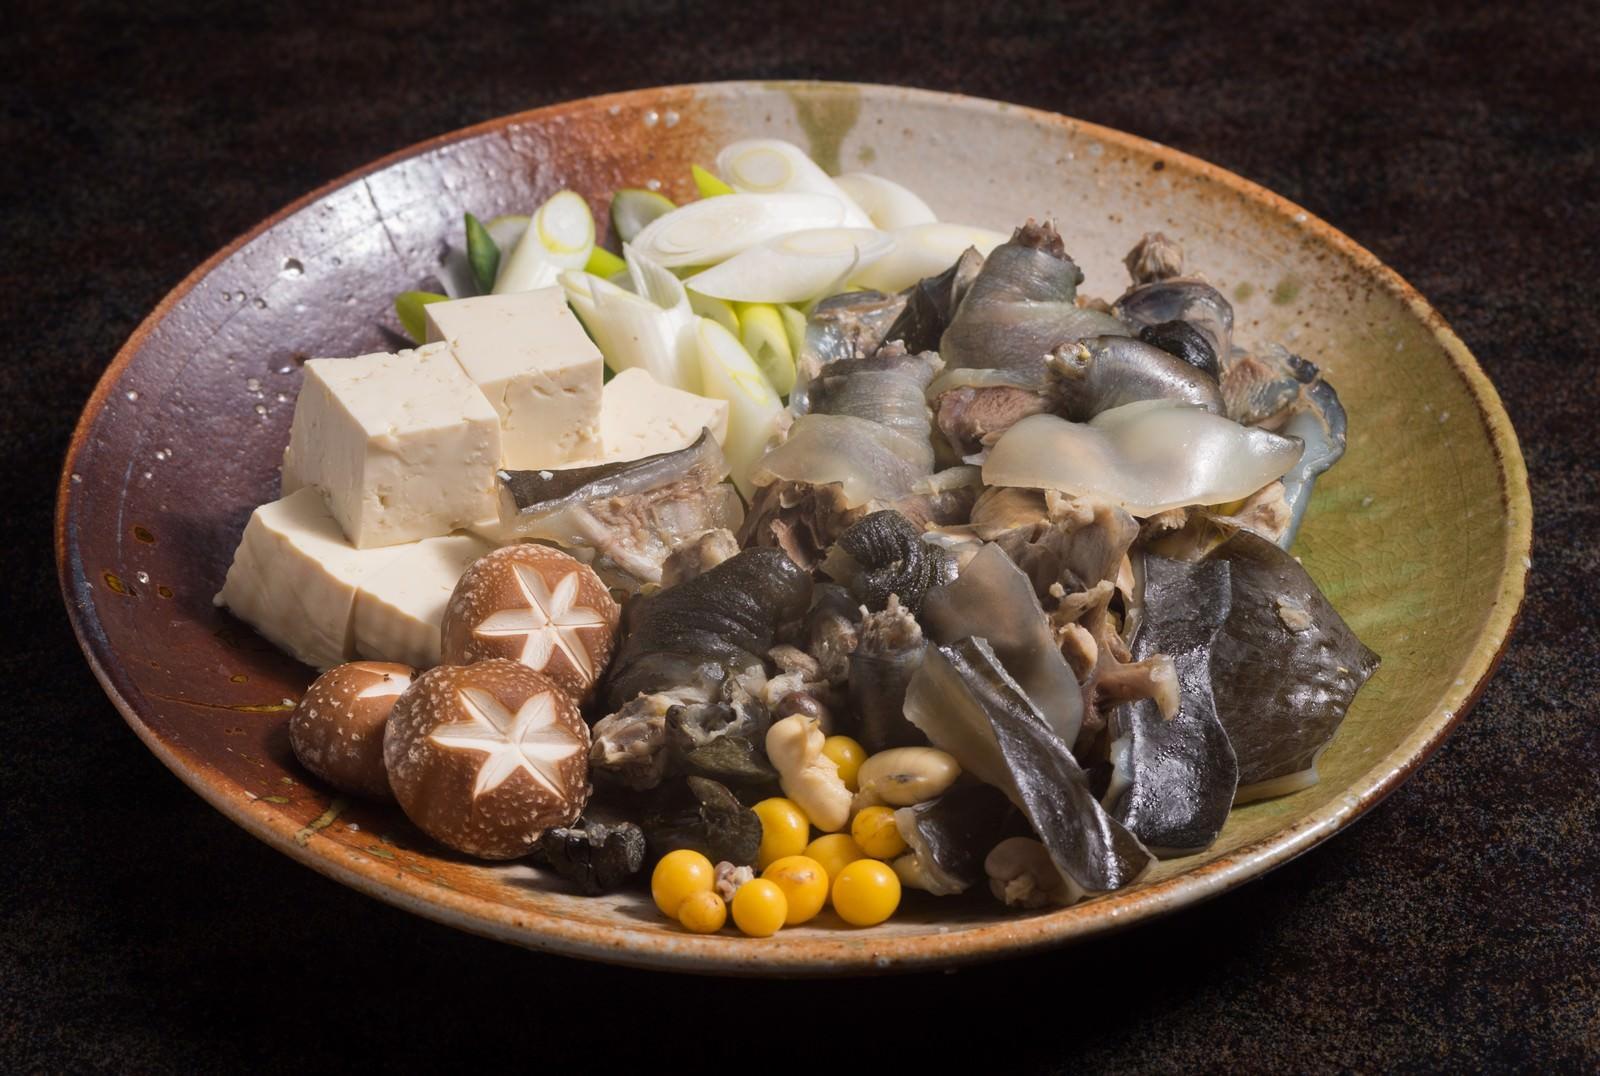 「ぷりぷりのスッポン鍋の具材(提供:平湯温泉の長瀬スッポン養殖場)」の写真